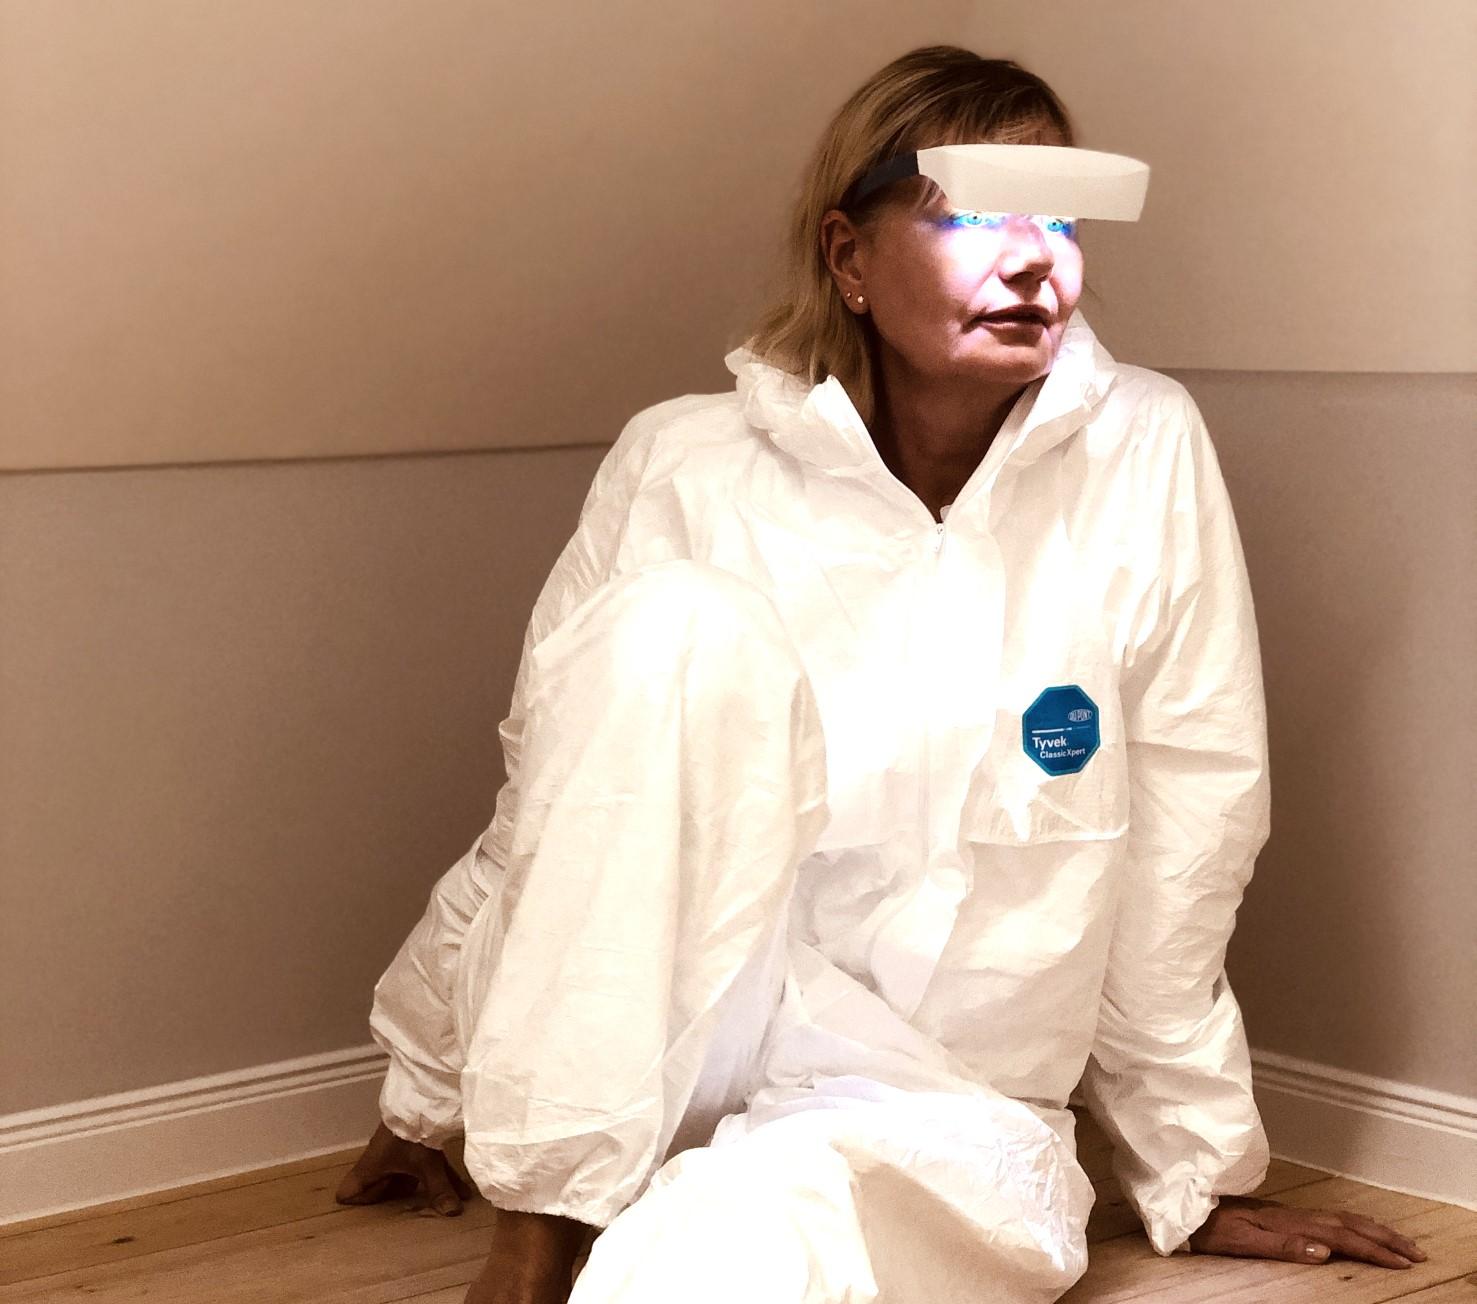 luminette, myluminette, lichttherapie, brille, lichttherapiebrille, tyvek, anzug